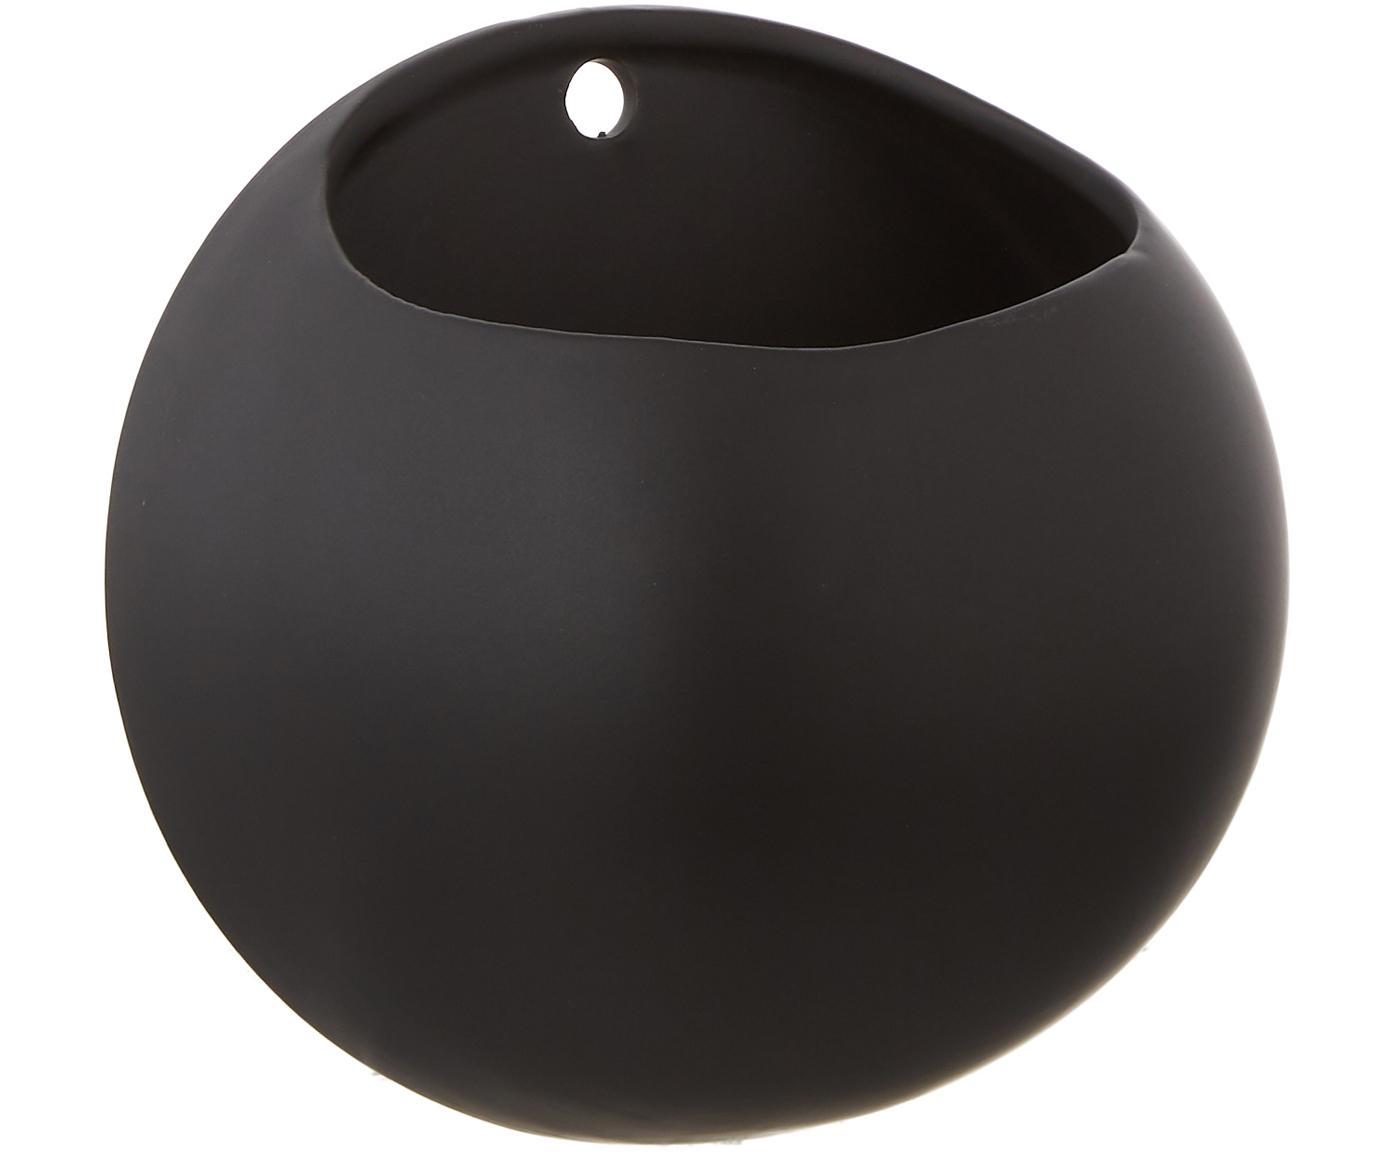 Ścienna osłonka na doniczkę Globe, Ceramika, Czarny, Ø 15 x W 10 cm